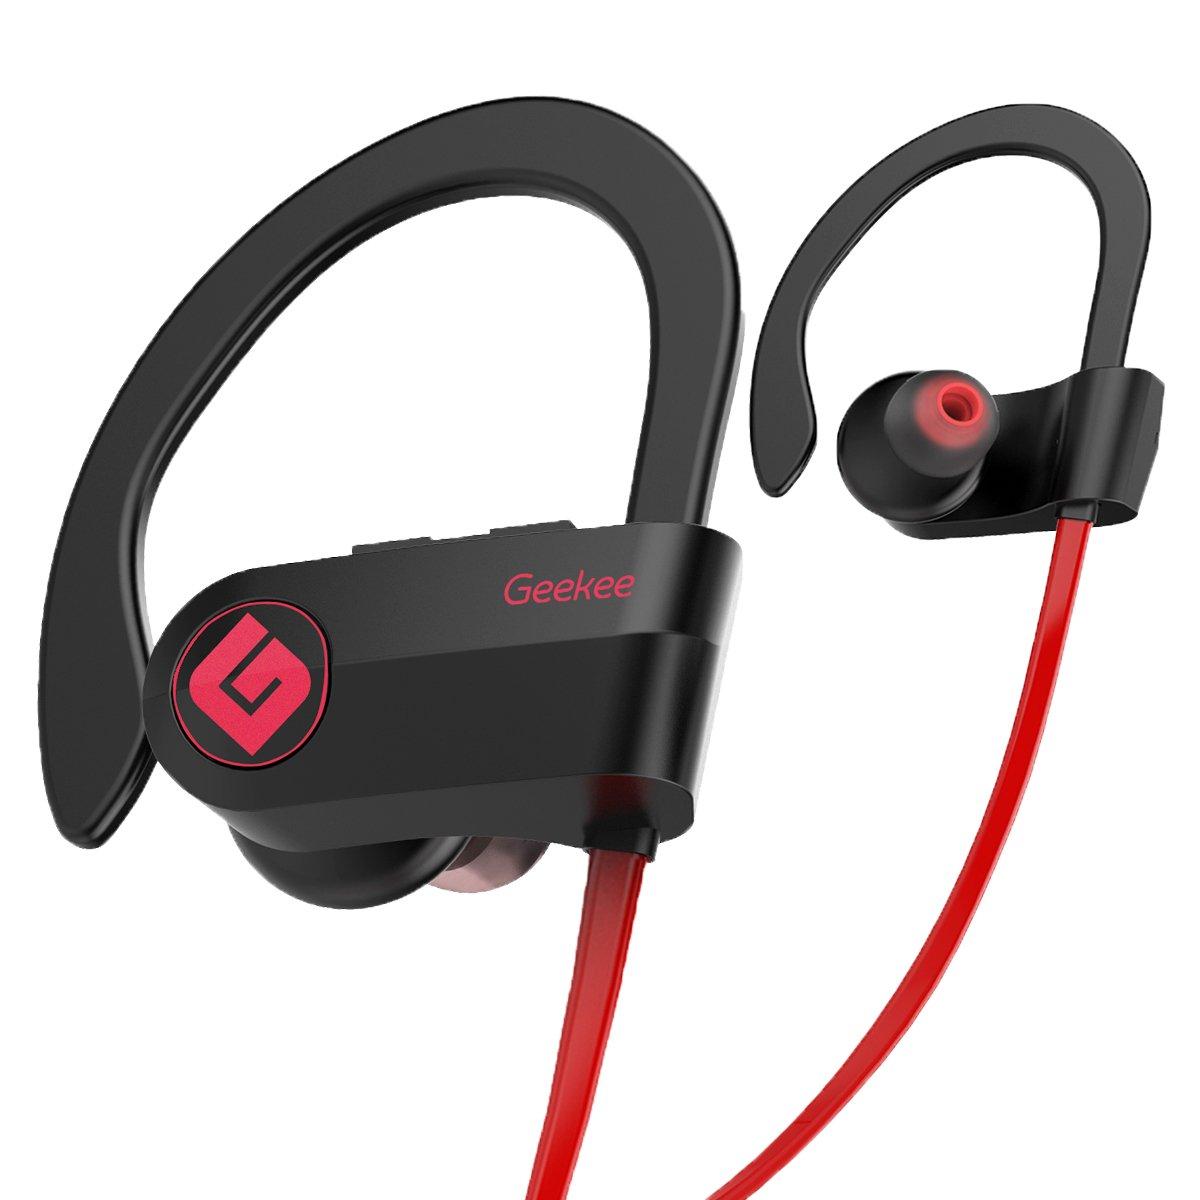 6aa116975ff Wireless Bluetooth Headphones Waterproof IPX7, Best Sport In Ear Earbuds  Earphones w/Remote and